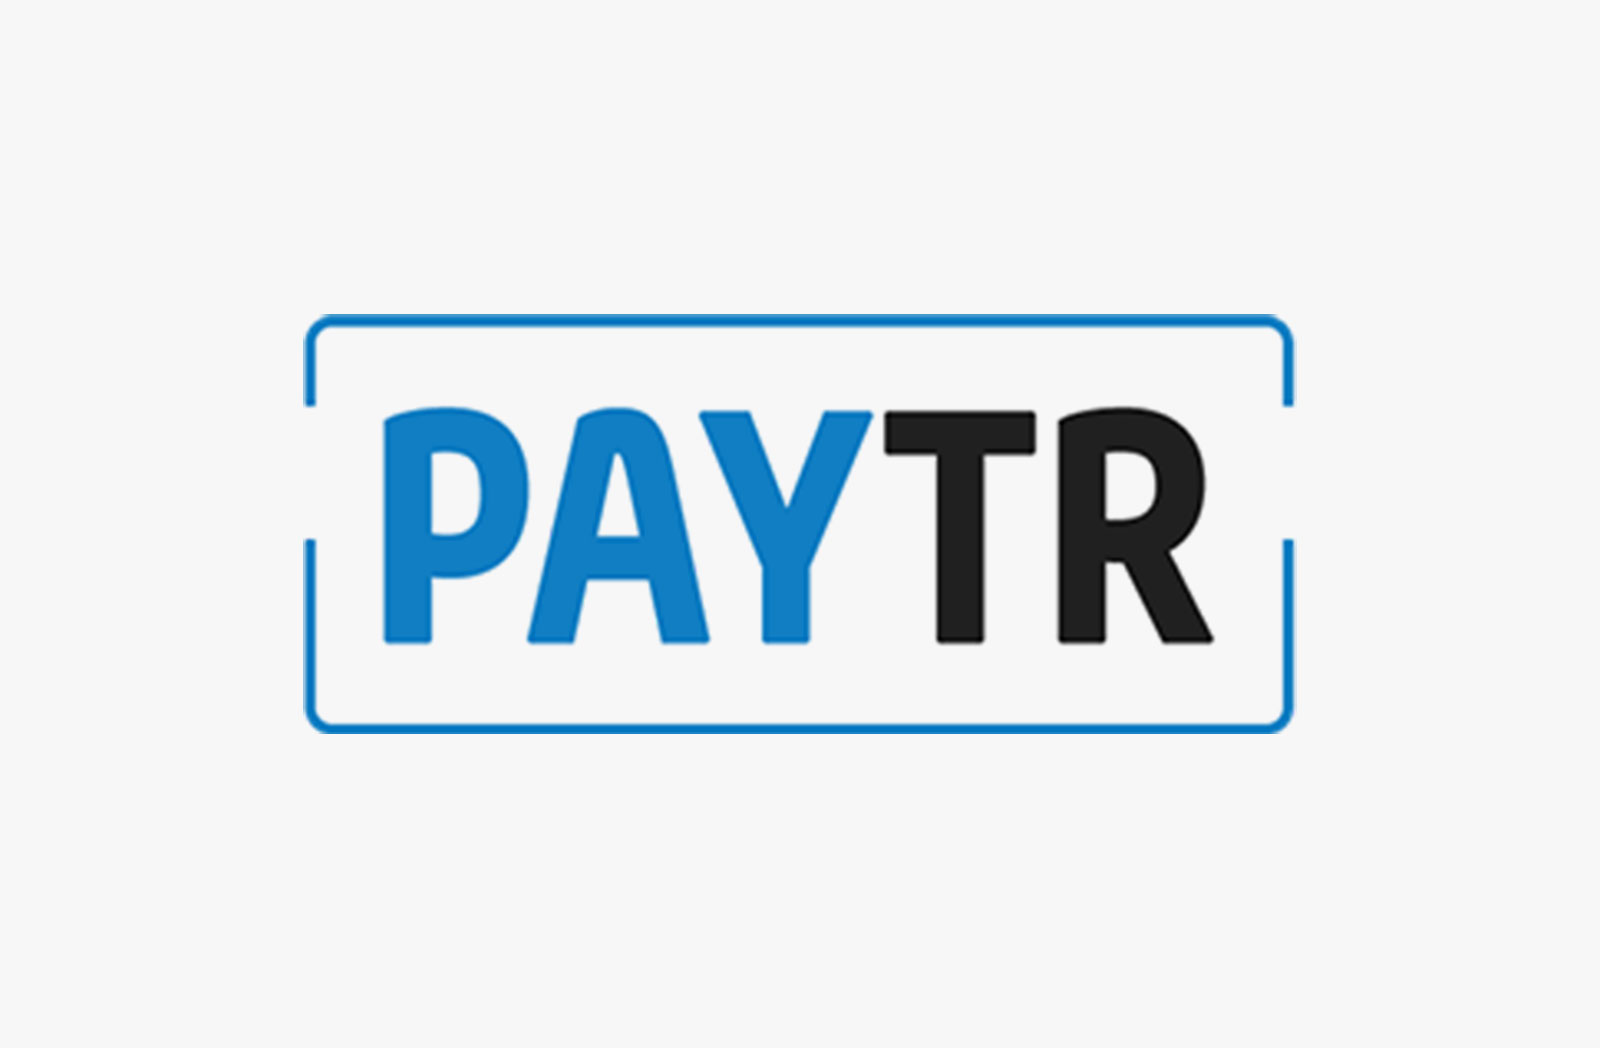 paytr-logo-indirim